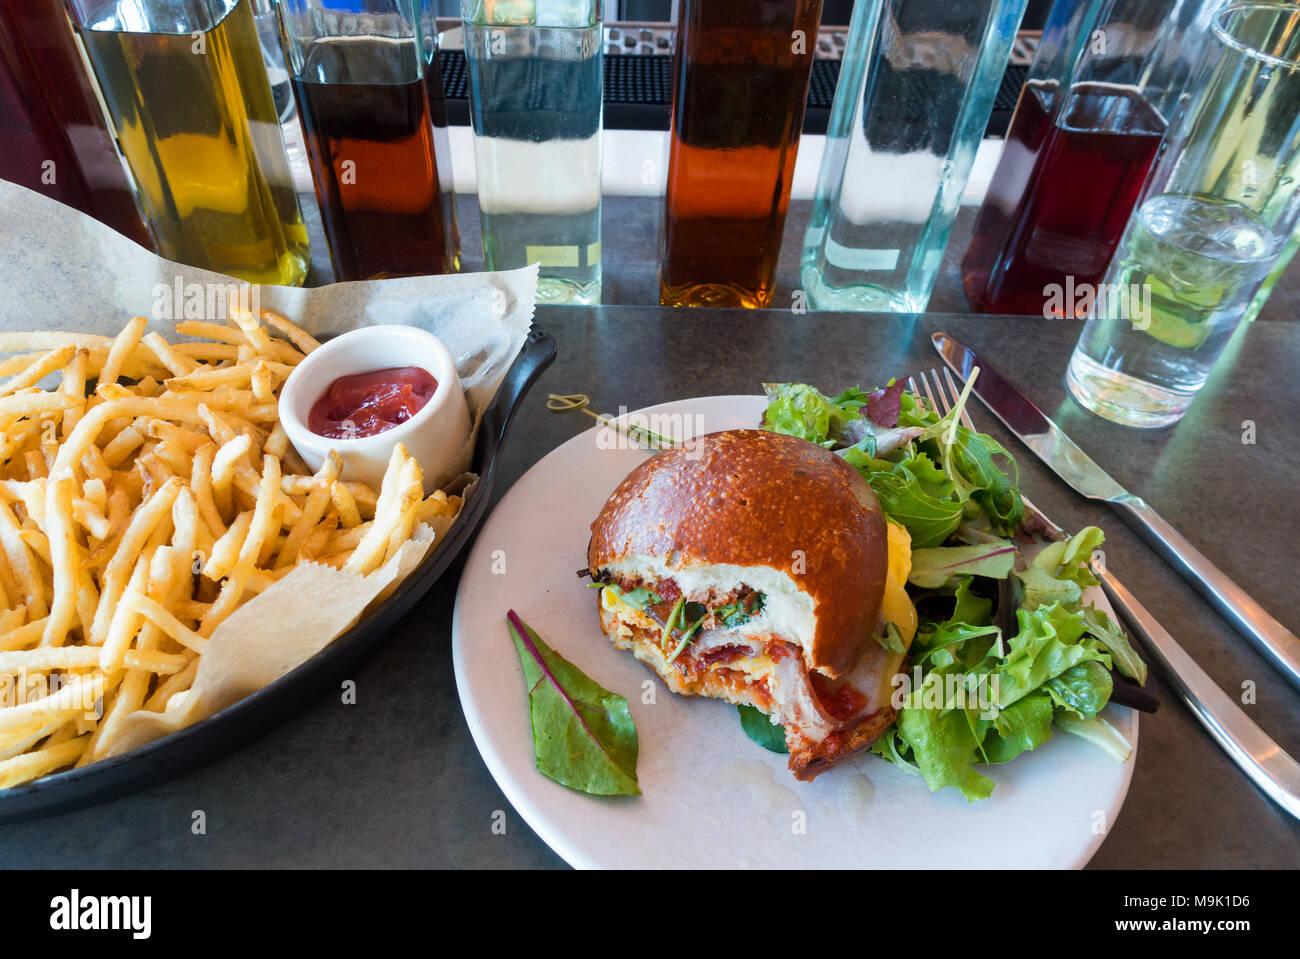 Huevos y bacon sandwich tostado suave en un rollo con ensalada de verduras mixtas Imagen De Stock